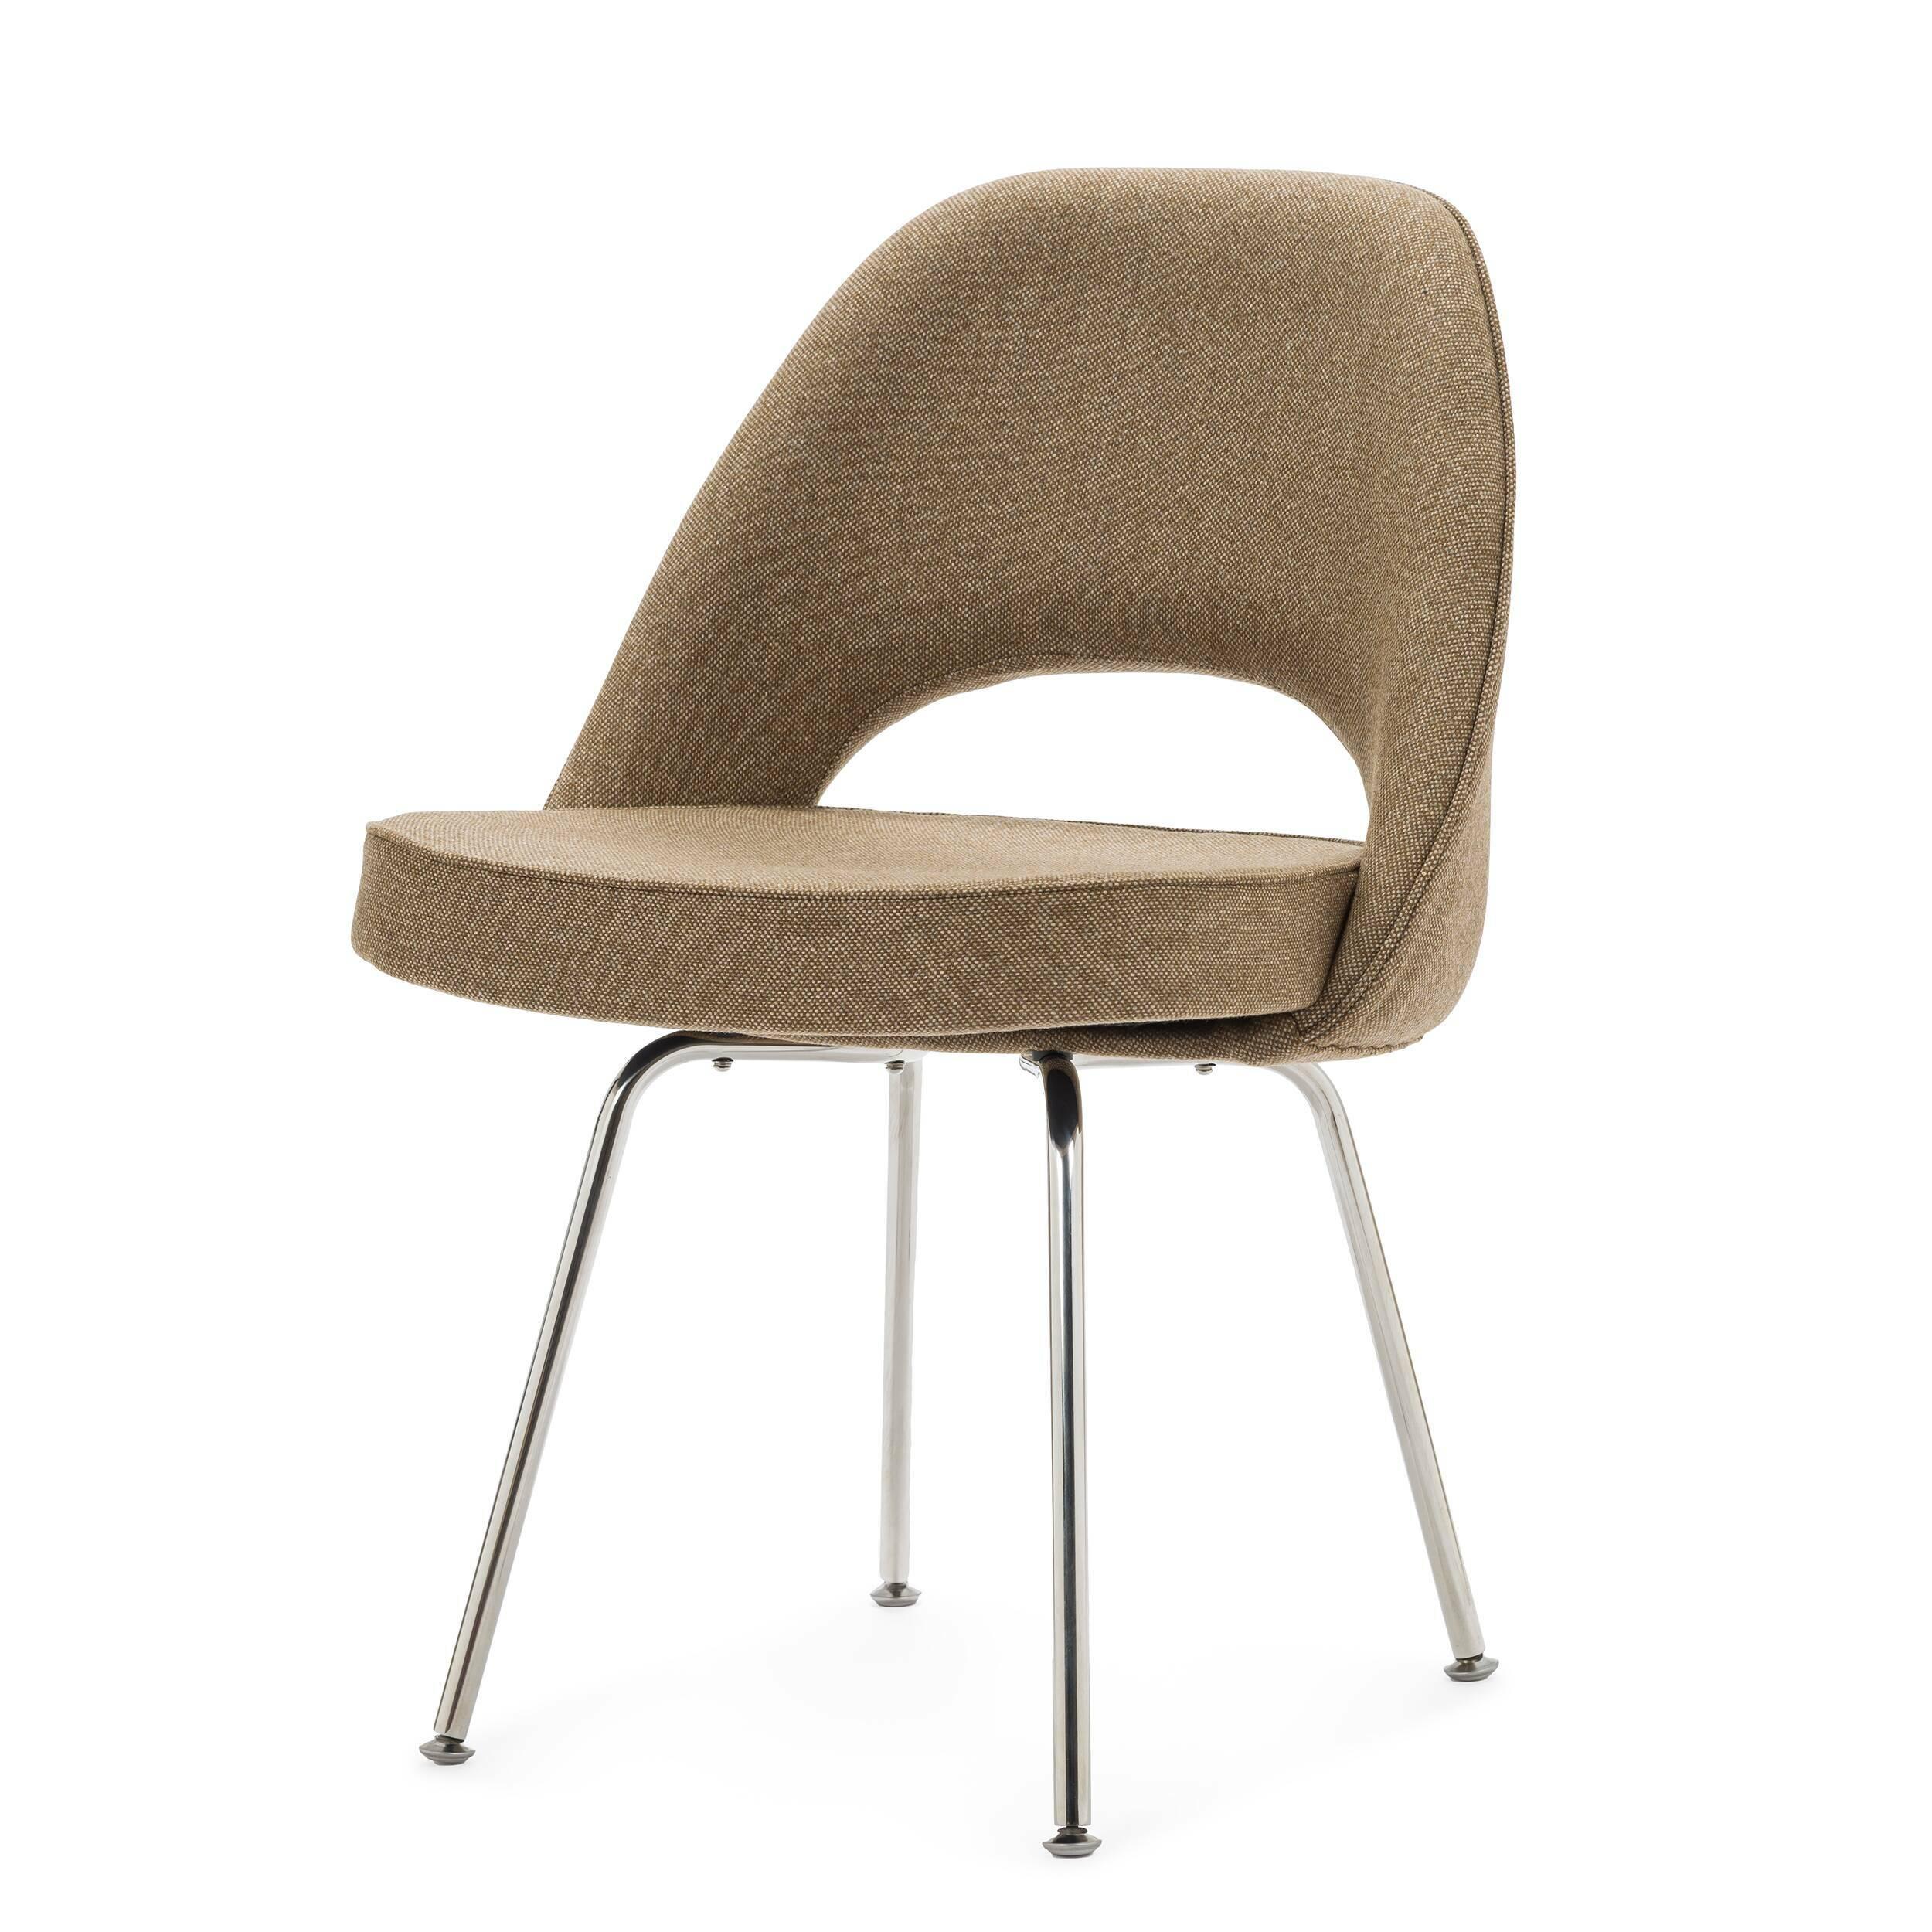 Кресло Side 2Интерьерные<br>Дизайнерское Яркое интерьерное кресло Side 2 (Сайд 2) с округлой спинкой на металлических ножках от Cosmo (Космо).<br><br><br> Модель кресла Side 2 от известного дизайнера Ээро Сааринена, разработанная в середине XX века, не потеряла своей актуальности и сейчас. Ээро был не только дизайнером, но и прекрасным архитектором, и именно поэтому все его изделия так продуманы и адаптированы для человека. Проекты великого мастера всегда отличаются своей эргономичностью, и кресло Side 2<br>не исключение. И...<br><br>stock: 0<br>Высота: 81<br>Высота сиденья: 49<br>Ширина: 57<br>Глубина: 55,5<br>Цвет ножек: Хром<br>Материал обивки: Шерсть, Нейлон<br>Коллекция ткани: B Fabric<br>Тип материала обивки: Ткань<br>Тип материала ножек: Сталь нержавеющая<br>Цвет обивки: Бежево-зеленый